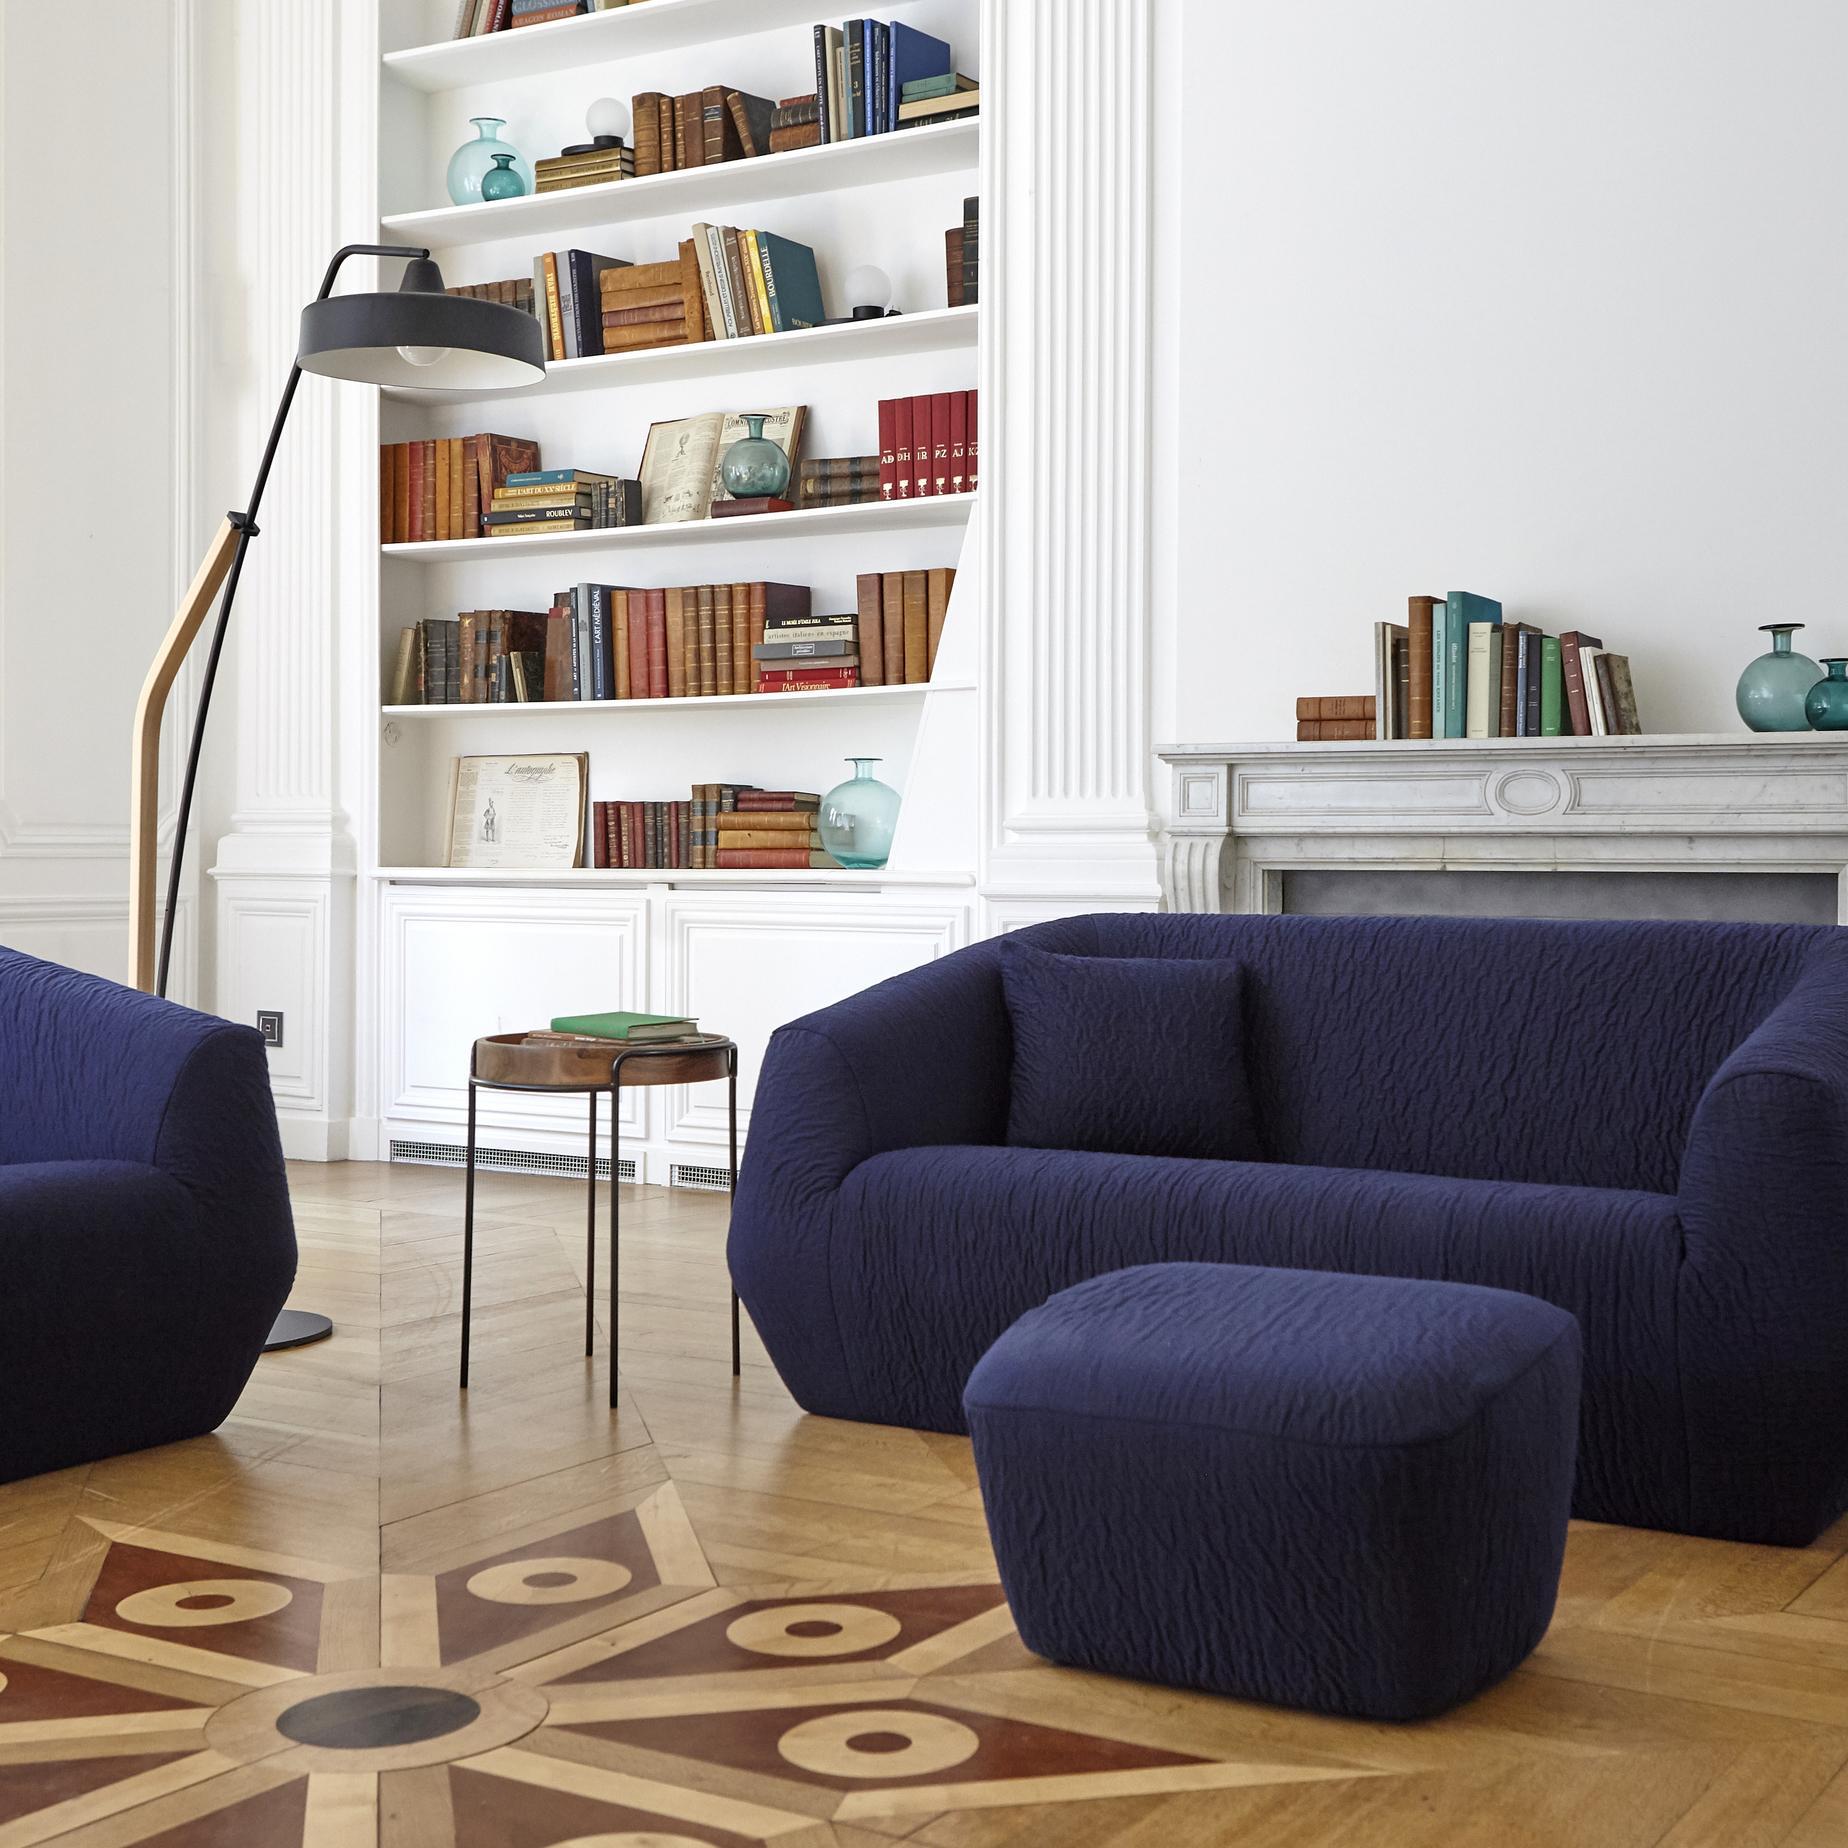 uncover sofas designer marie christine dorner ligne roset. Black Bedroom Furniture Sets. Home Design Ideas